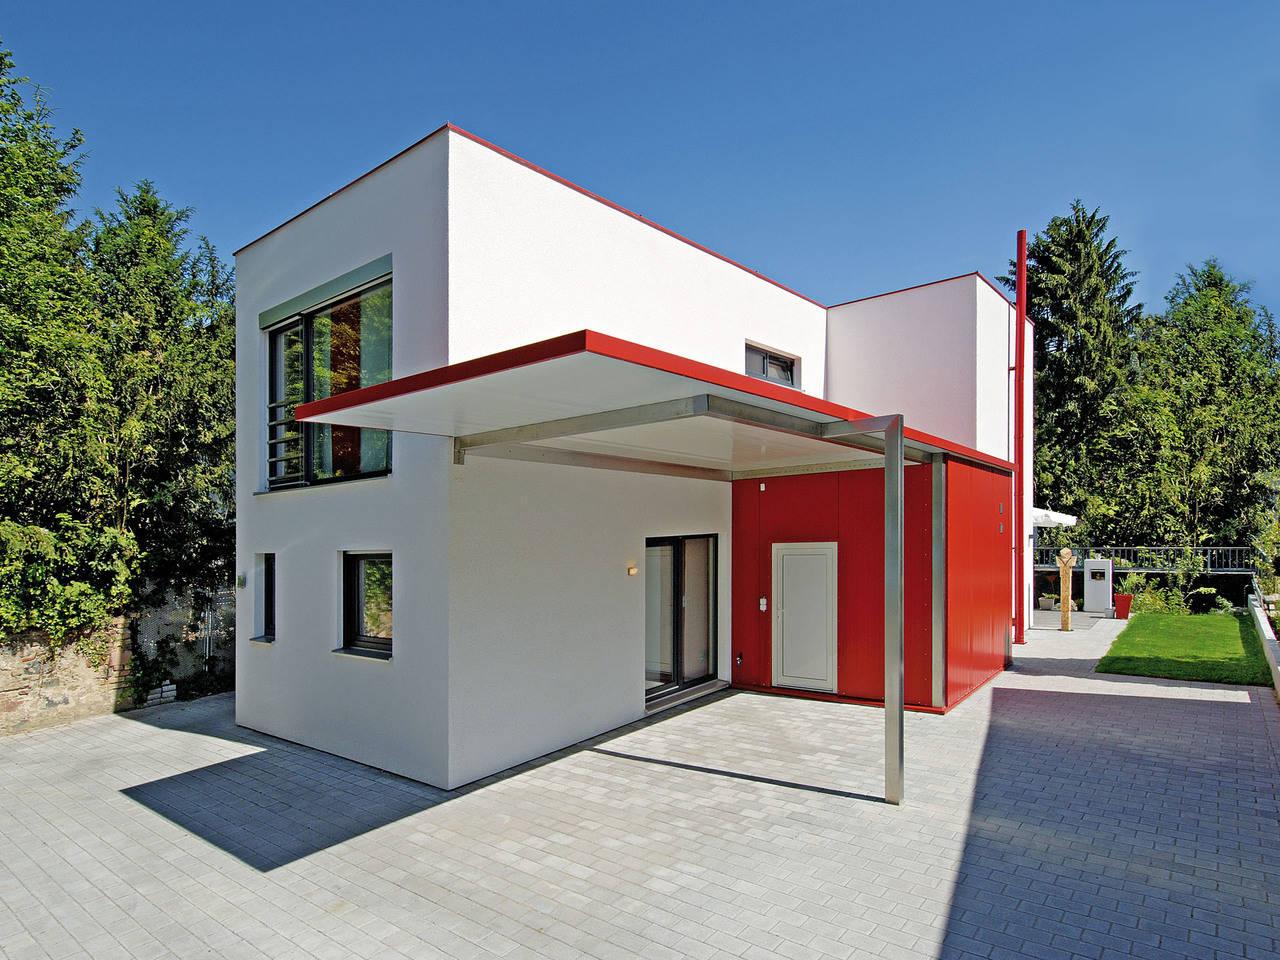 Fertighaus Weiss Beispielhaus 2